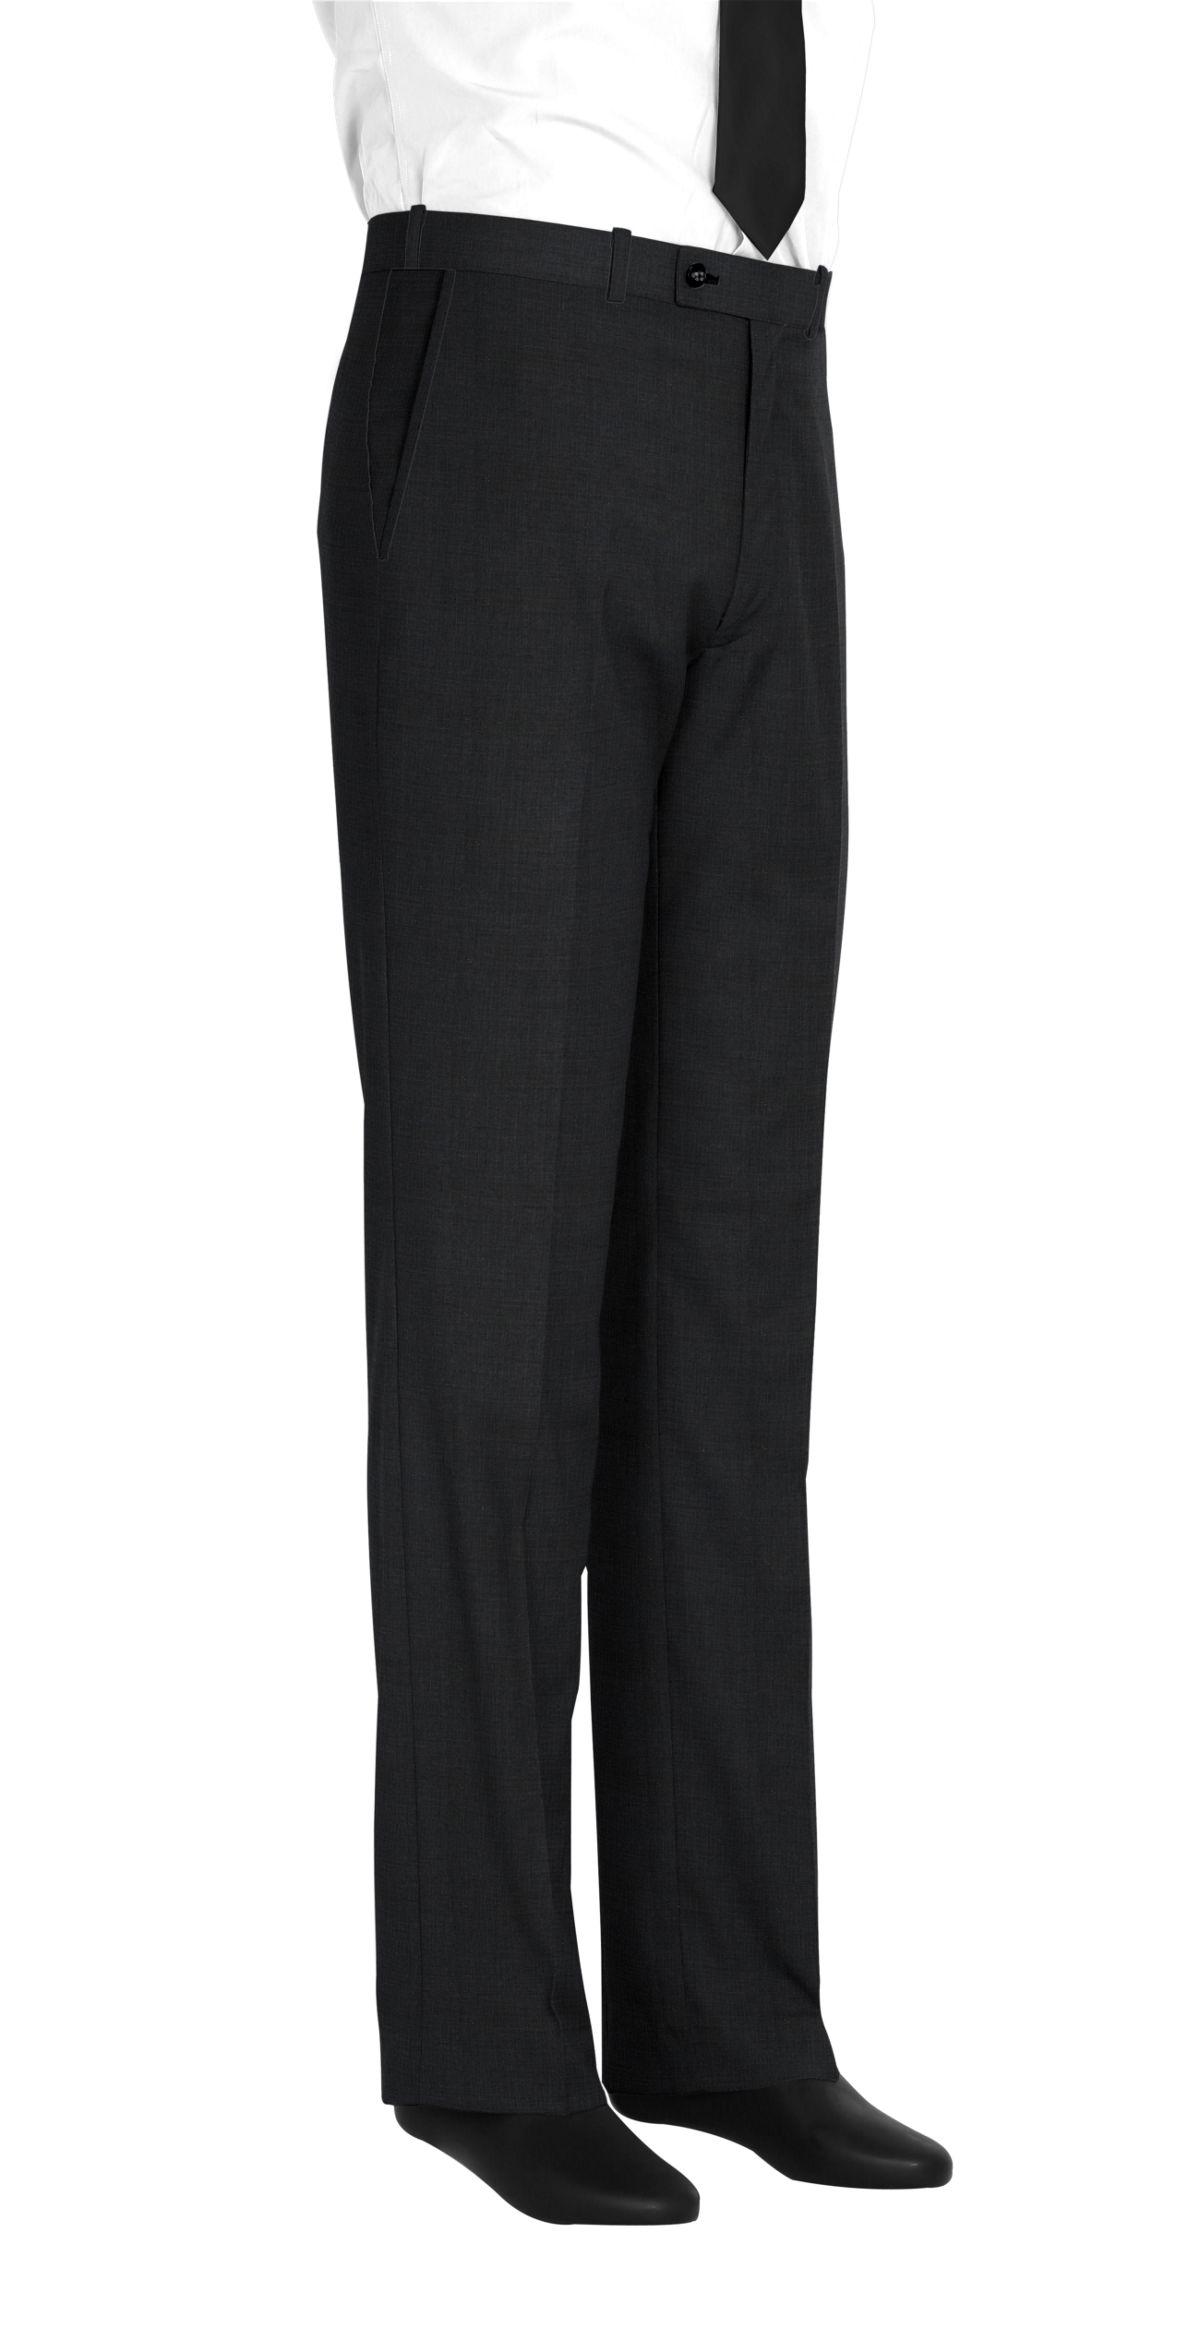 Pantalon homme sur mesure et personnalisé noir uni  bas simple sans revers